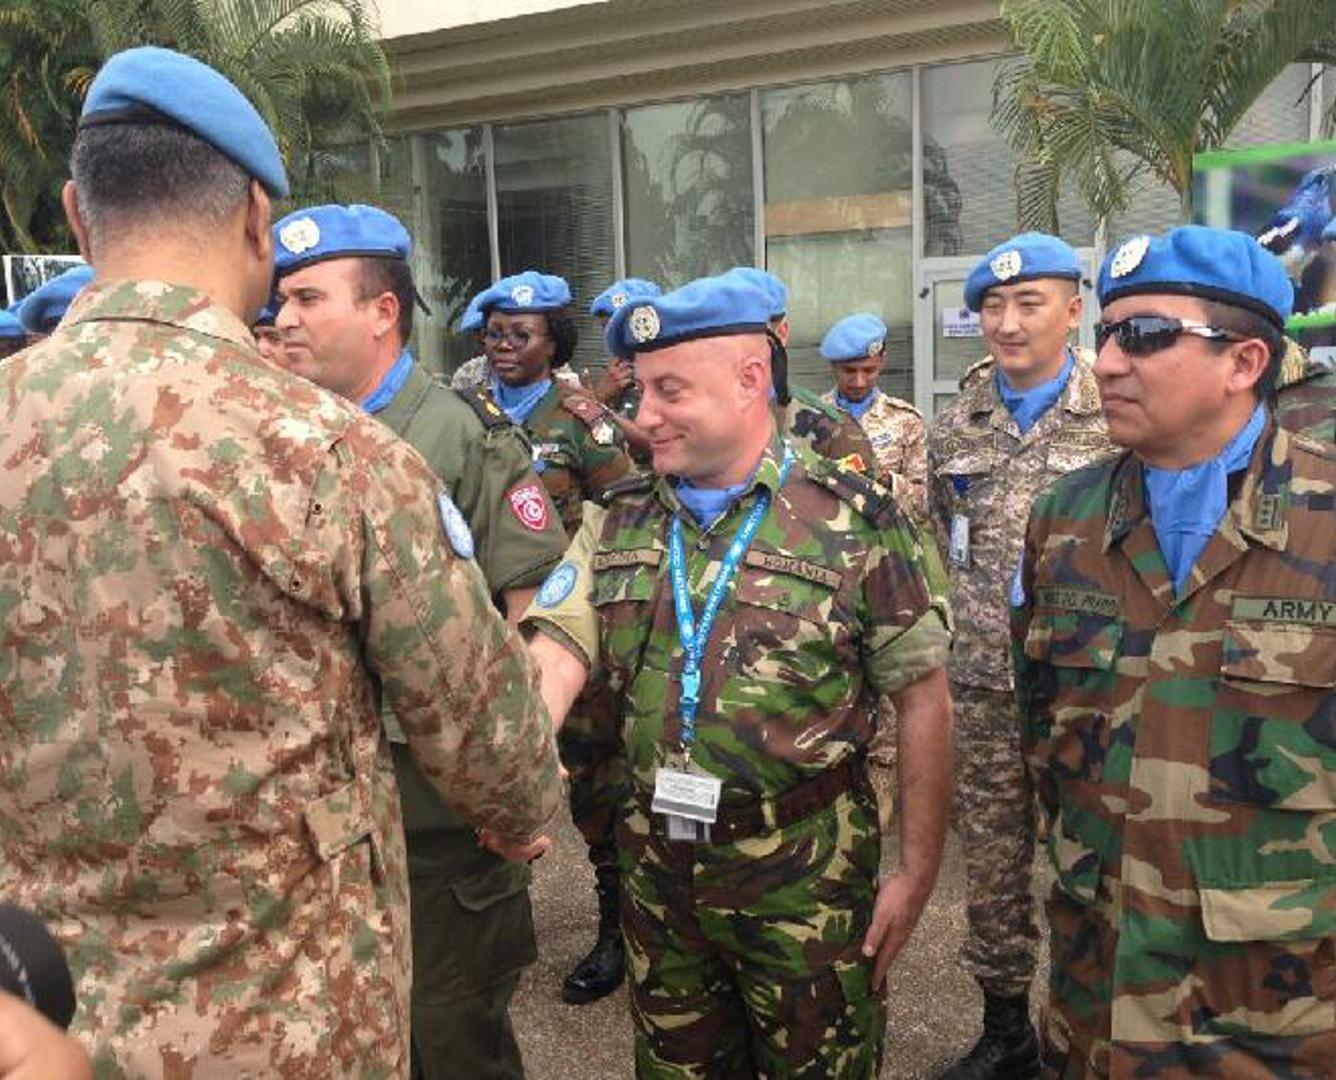 Казахстанского офицера наградили медалью ООН после участия в миссии в Кот-д'Ивуар